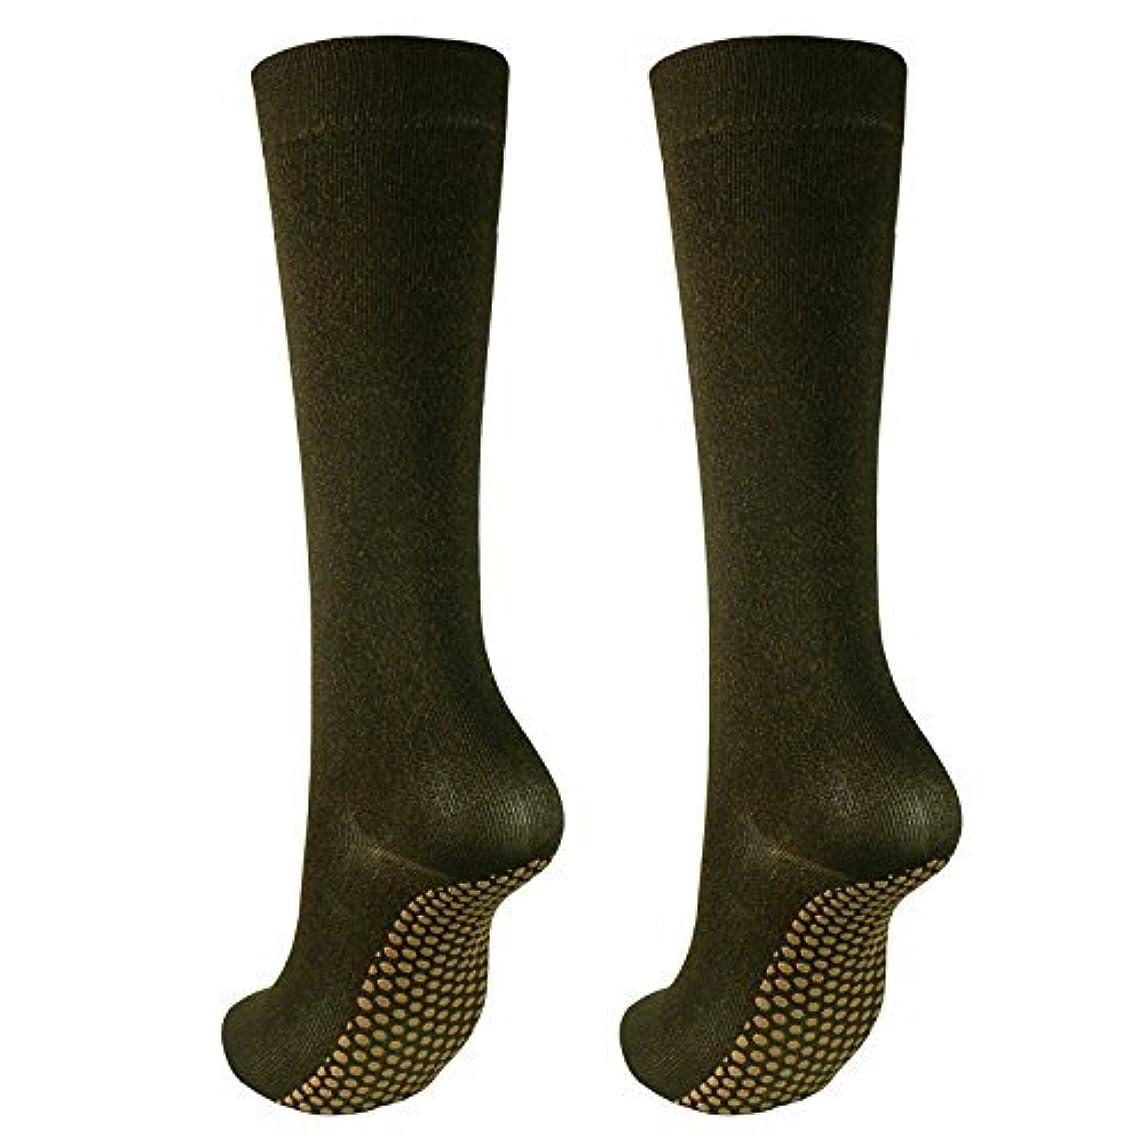 尊敬するフットボール靴下銅繊維靴下「足もとはいつも青春」ハイソックスタイプ2足セット?静電気対策にも